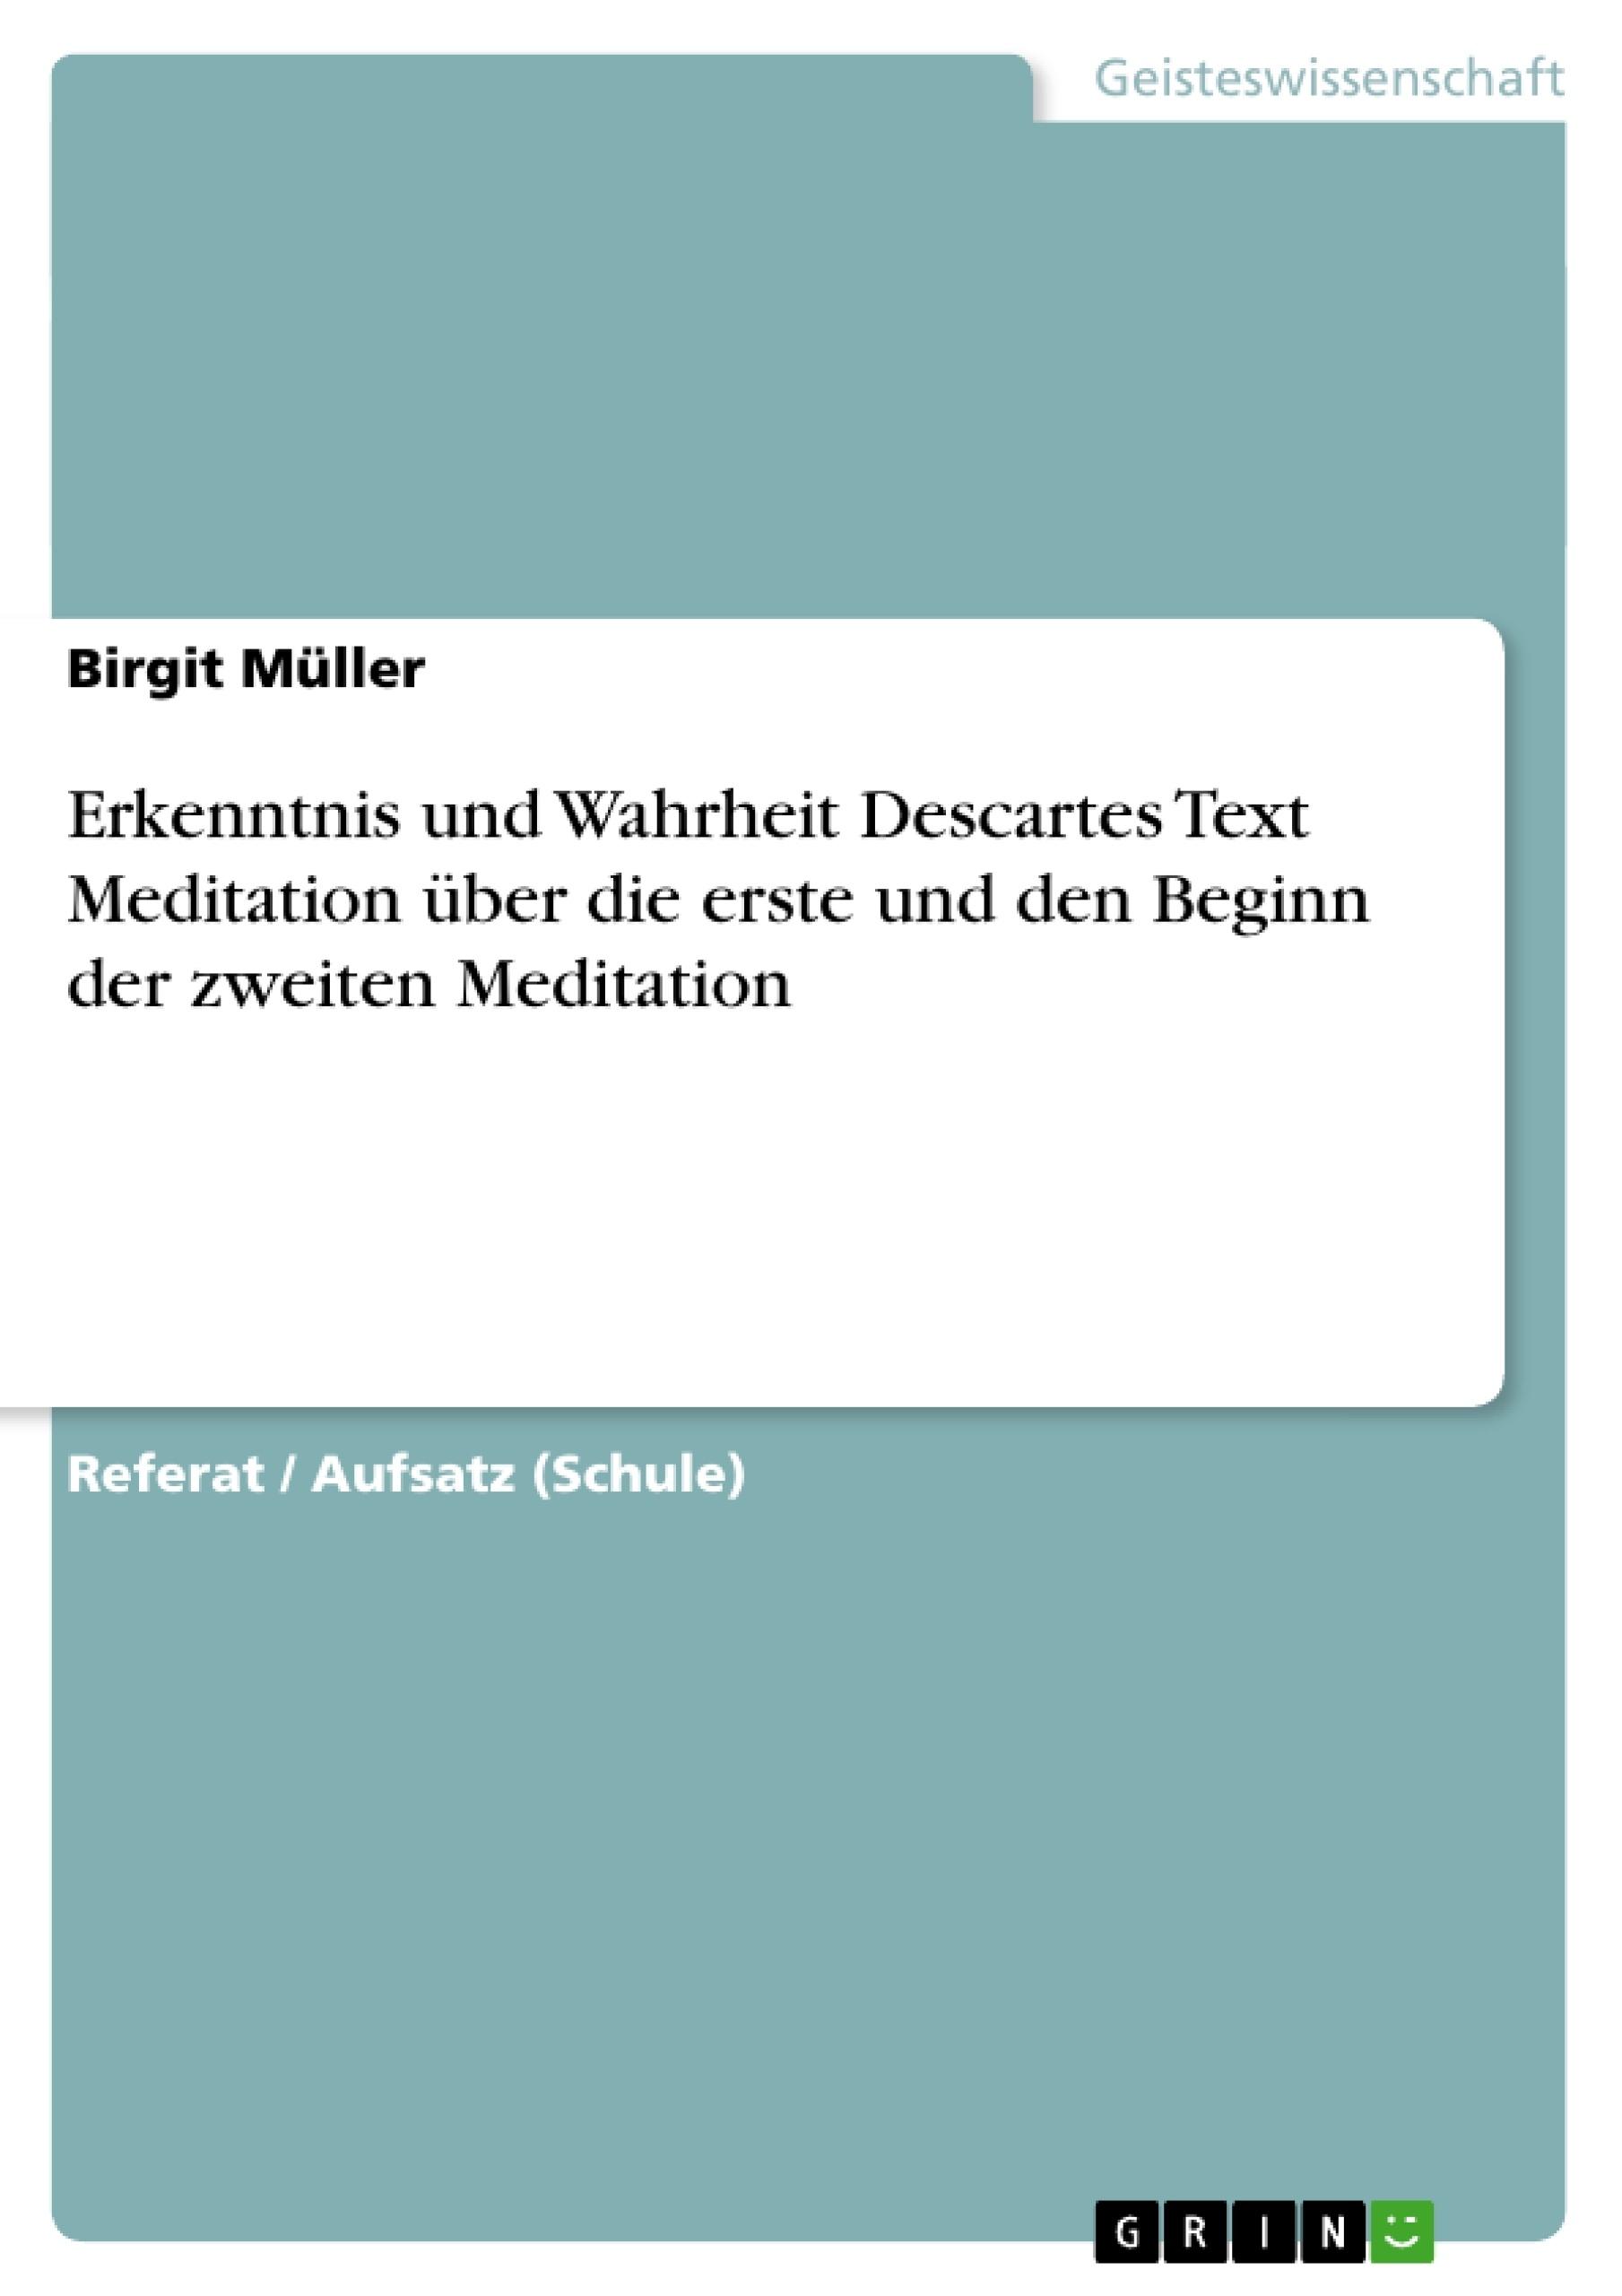 Titel: Erkenntnis und Wahrheit Descartes Text Meditation über die erste und den Beginn der zweiten Meditation